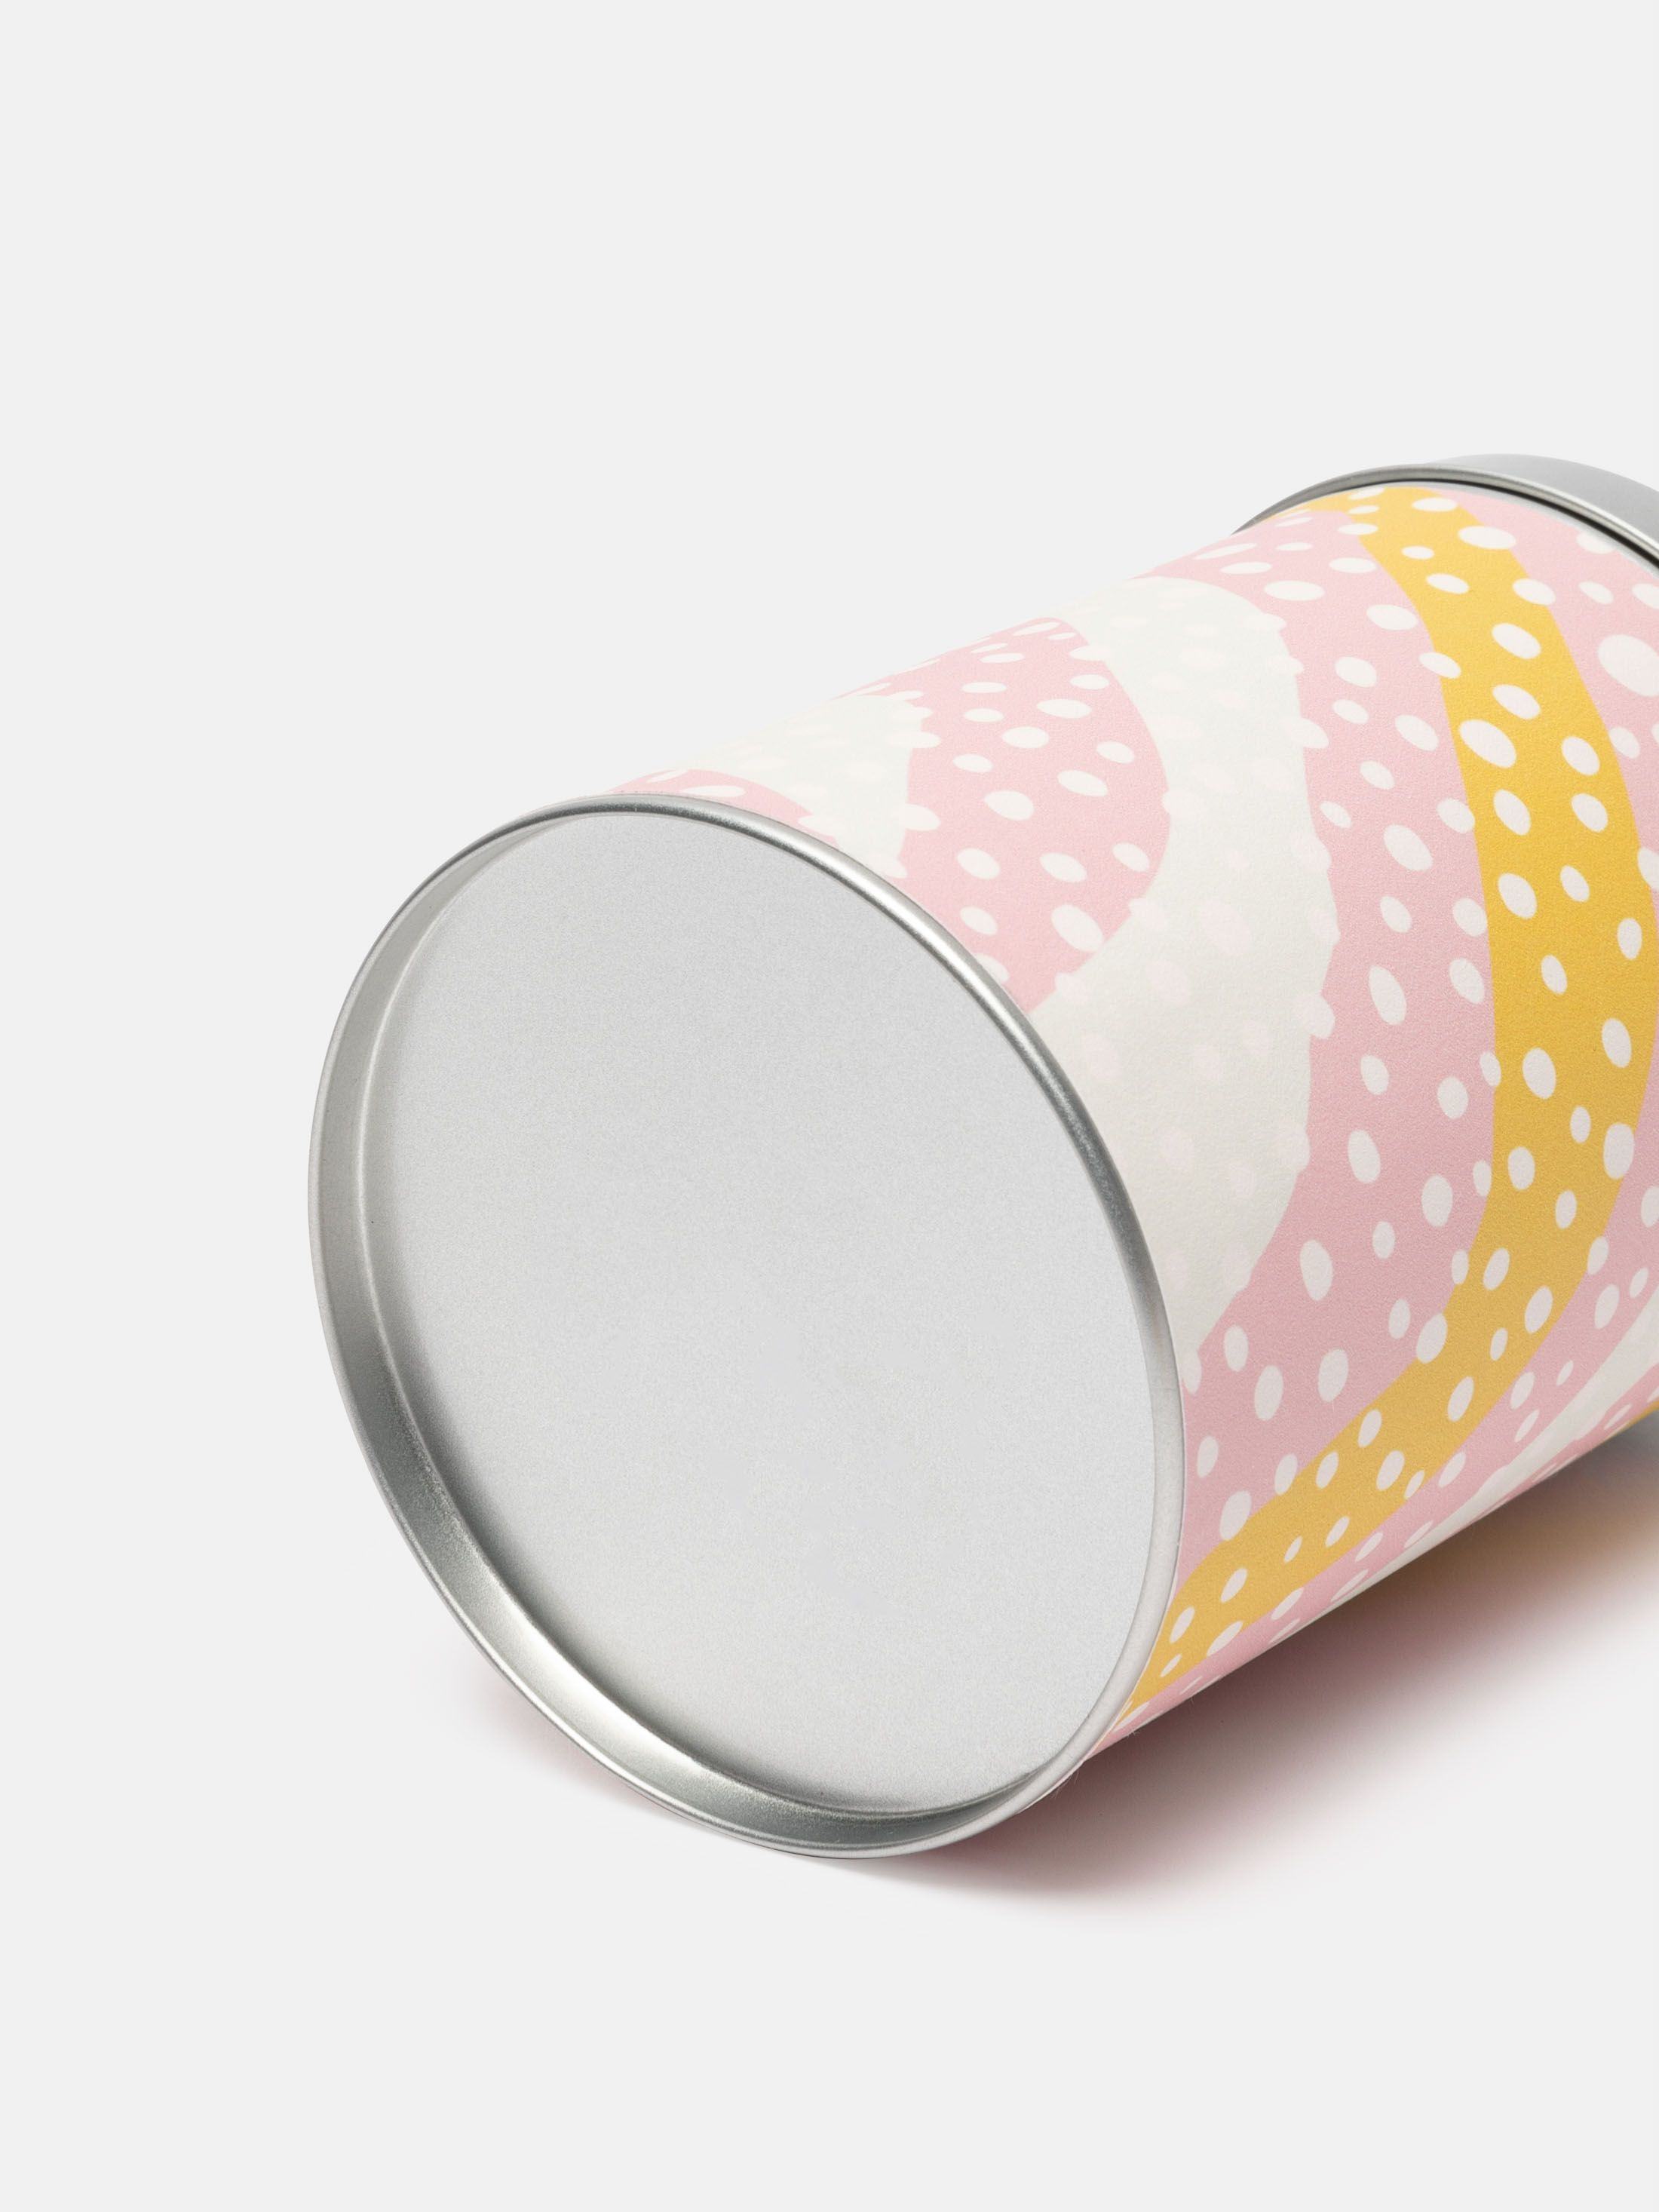 Barattolo in metallo cilindrico personalizzato